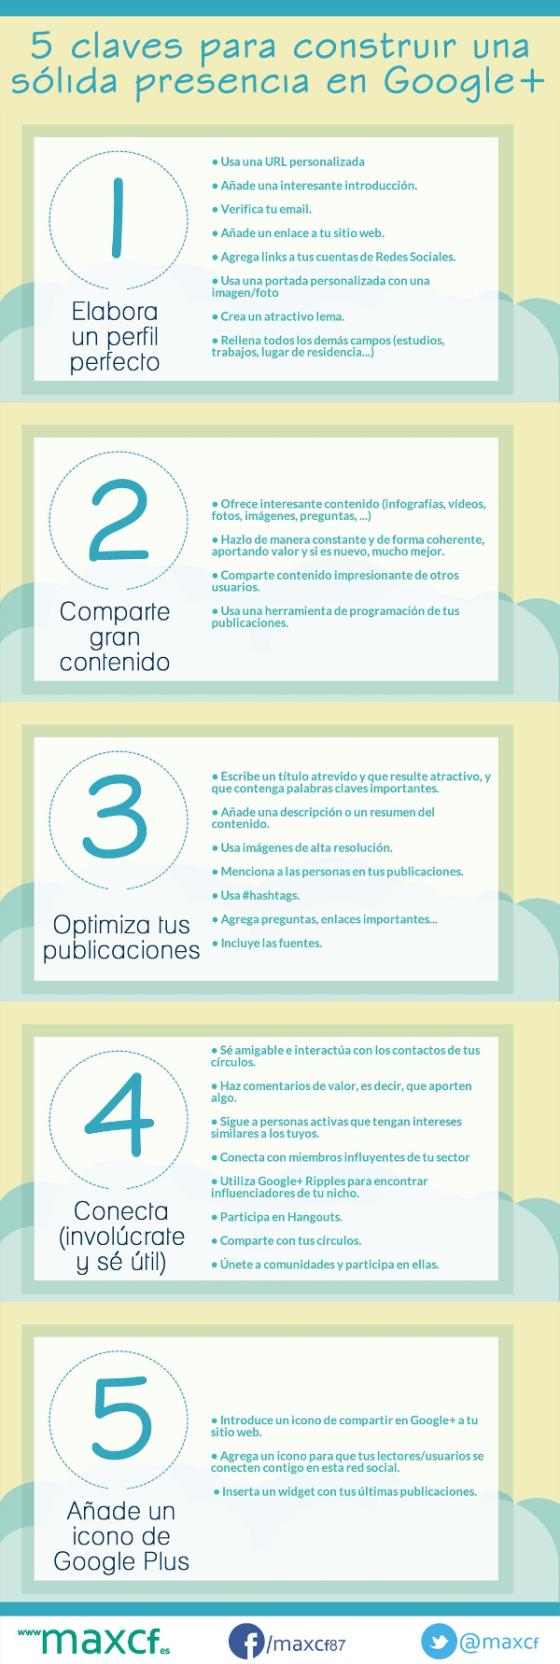 5 claves para construir una sólida presencia en Google + #infografia #infographic #socialmedia